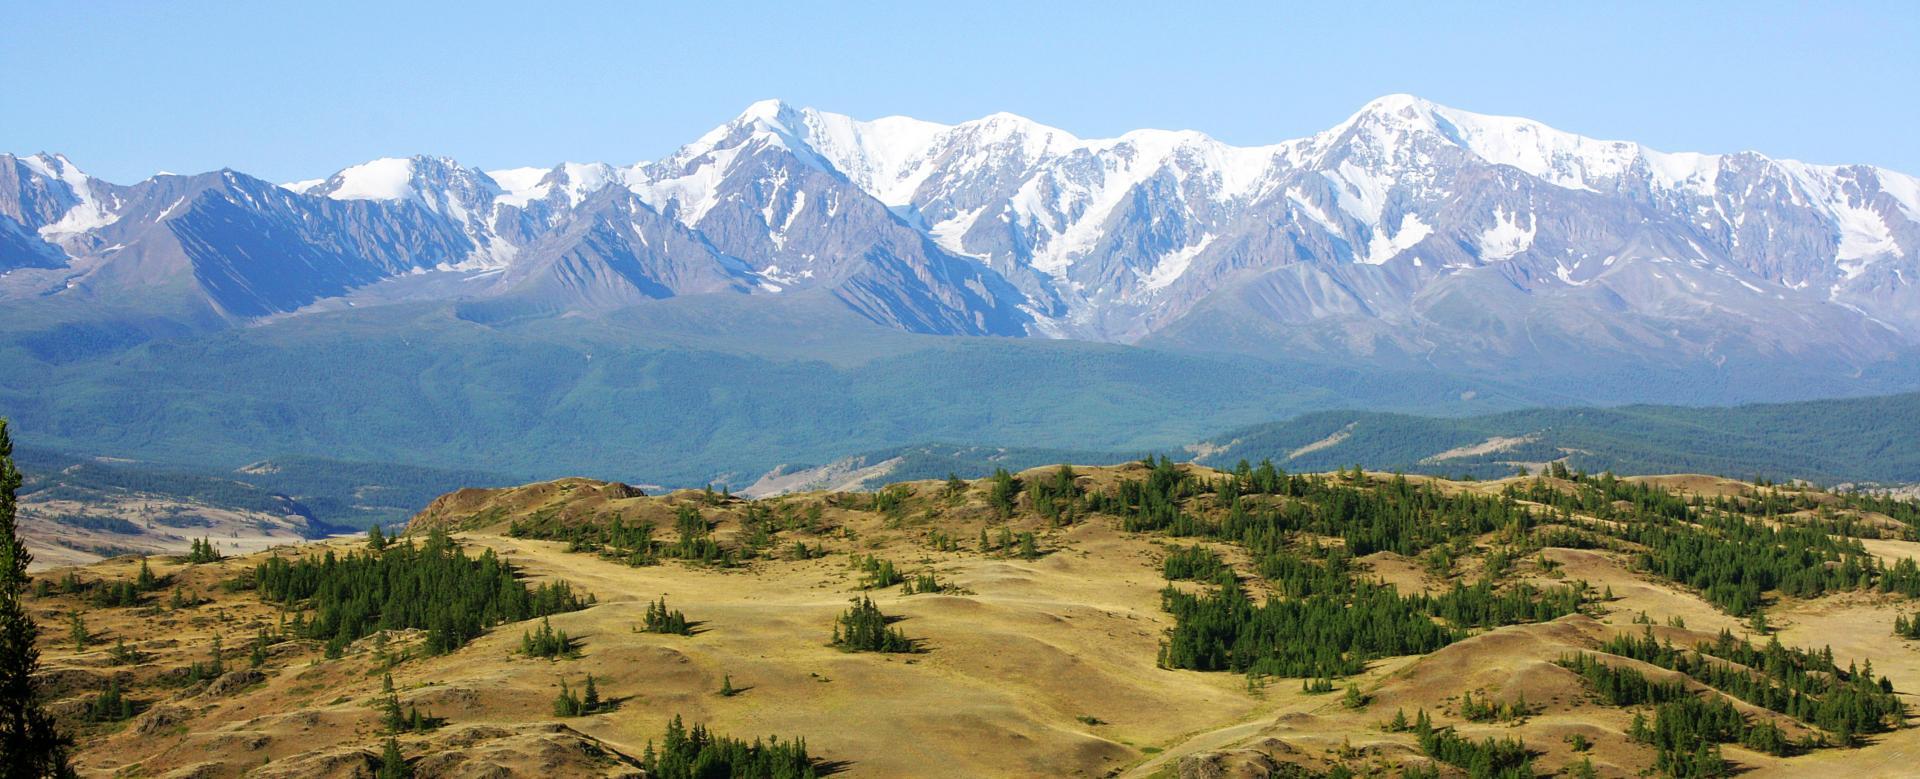 Voyage à pied : Montagnes et steppes de l'altaï